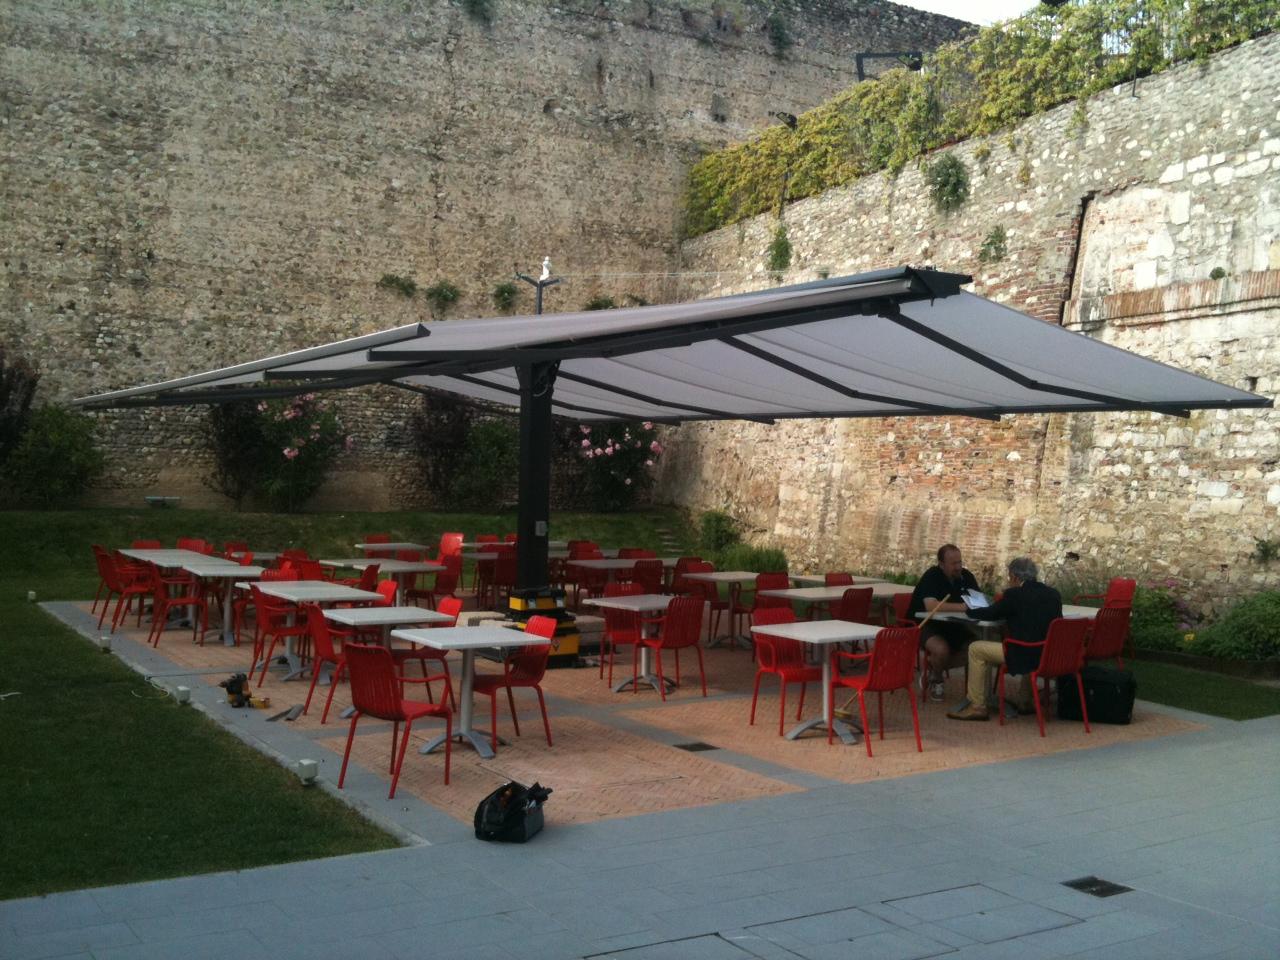 Installazioni giardini veneti s r l - Giardini veneti ombrelloni ...